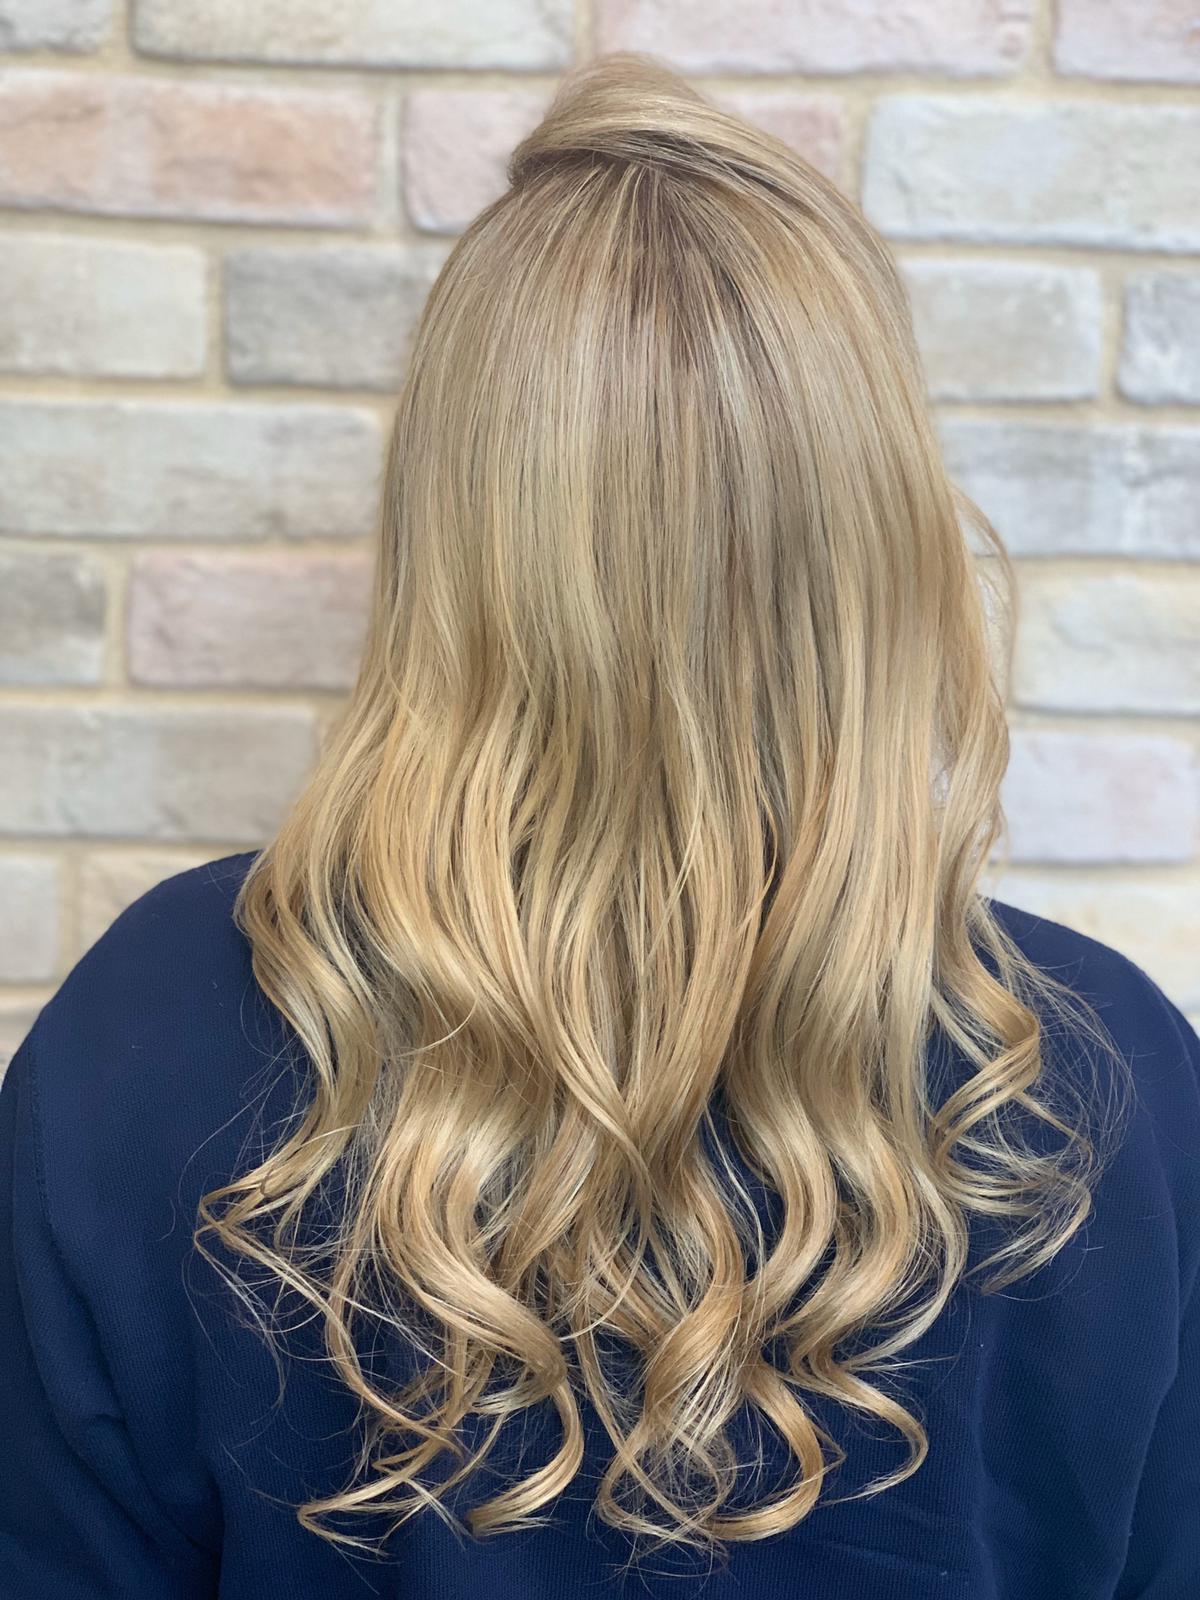 צבעי שיער ברמלה